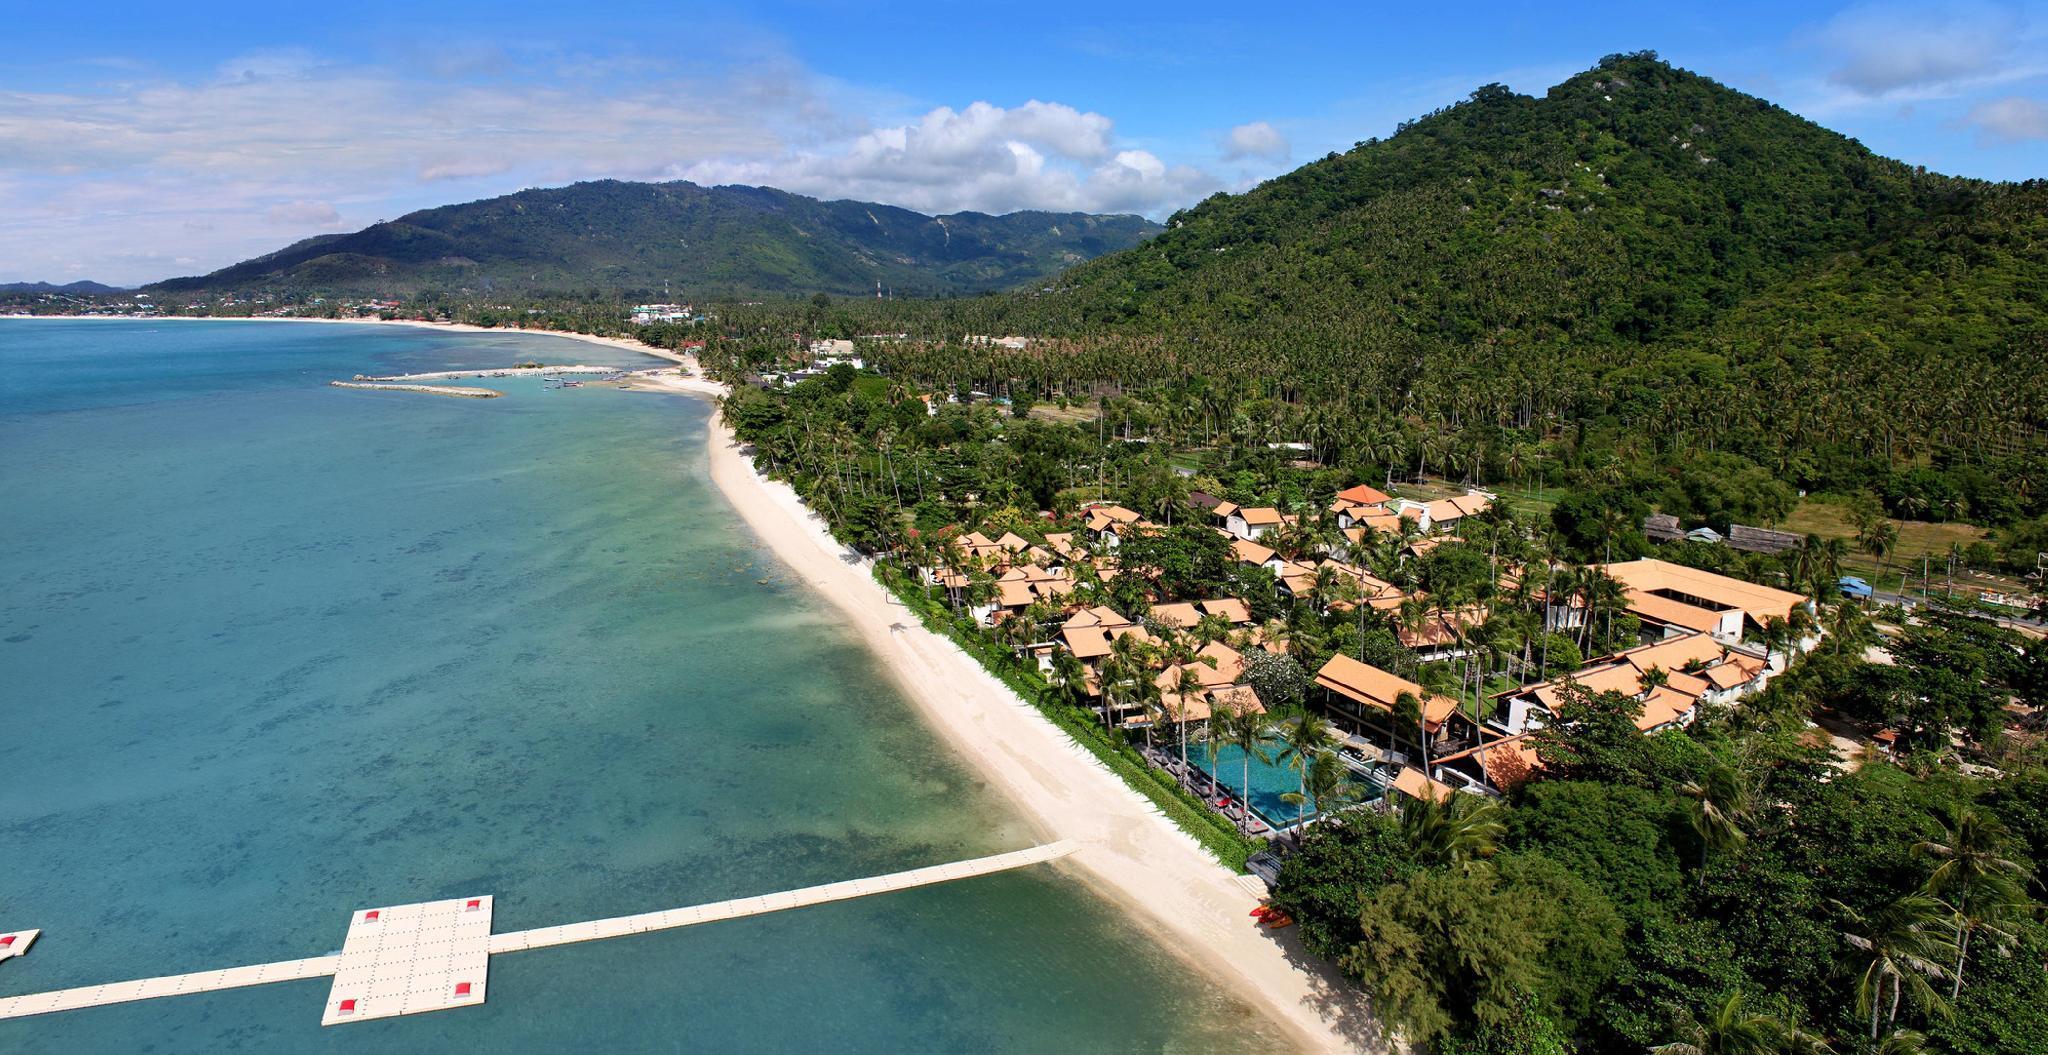 Le Meridien Koh Samui Resort & Spa - Koh Samui